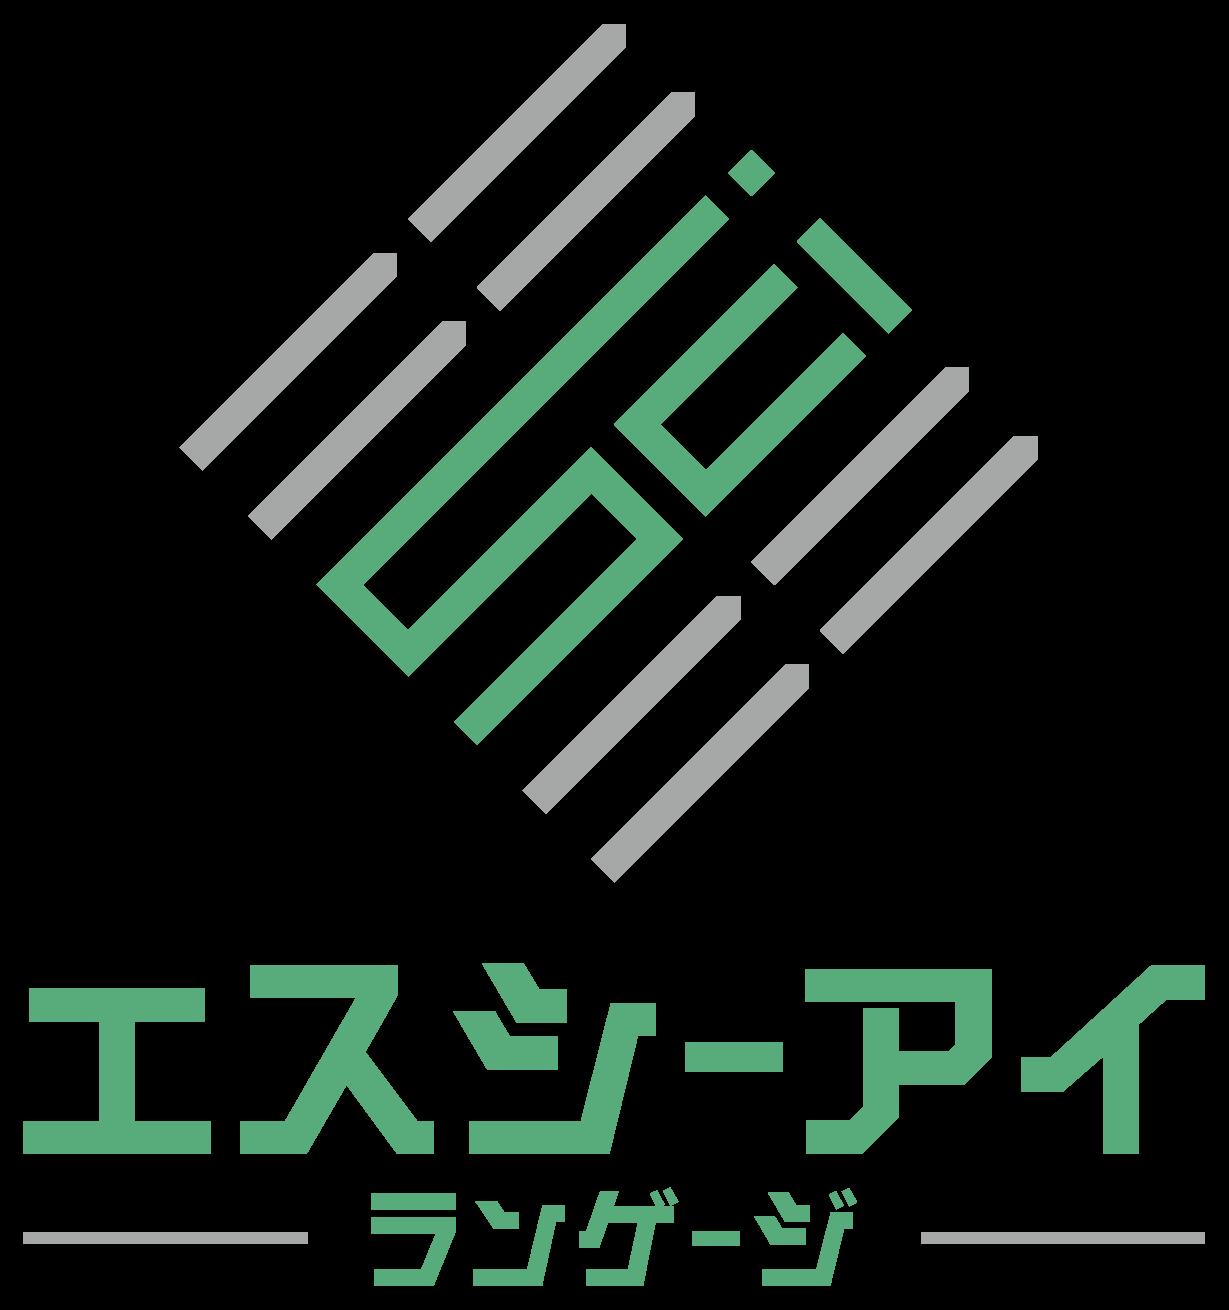 サービス業と近未来と緑のロゴ